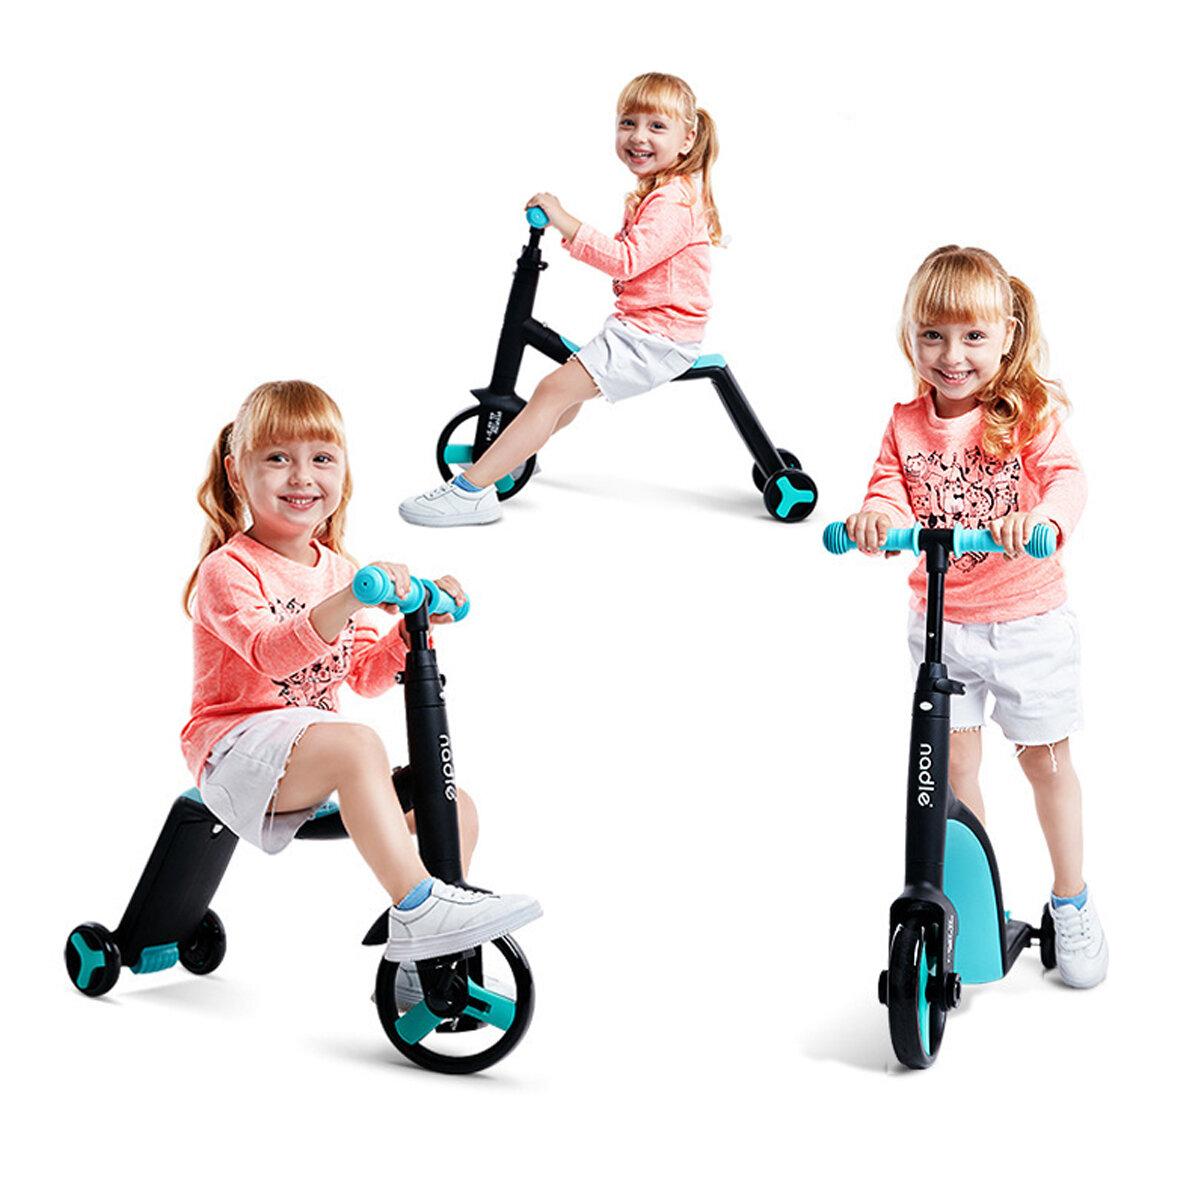 NADLE 3 في 1 دراجة توازن للأطفال بارتفاع قابل للتعديل للأعمار من 1-5 سكوتر أطفال دراجة ثلاثية العجلات للأطفال الصغار الر